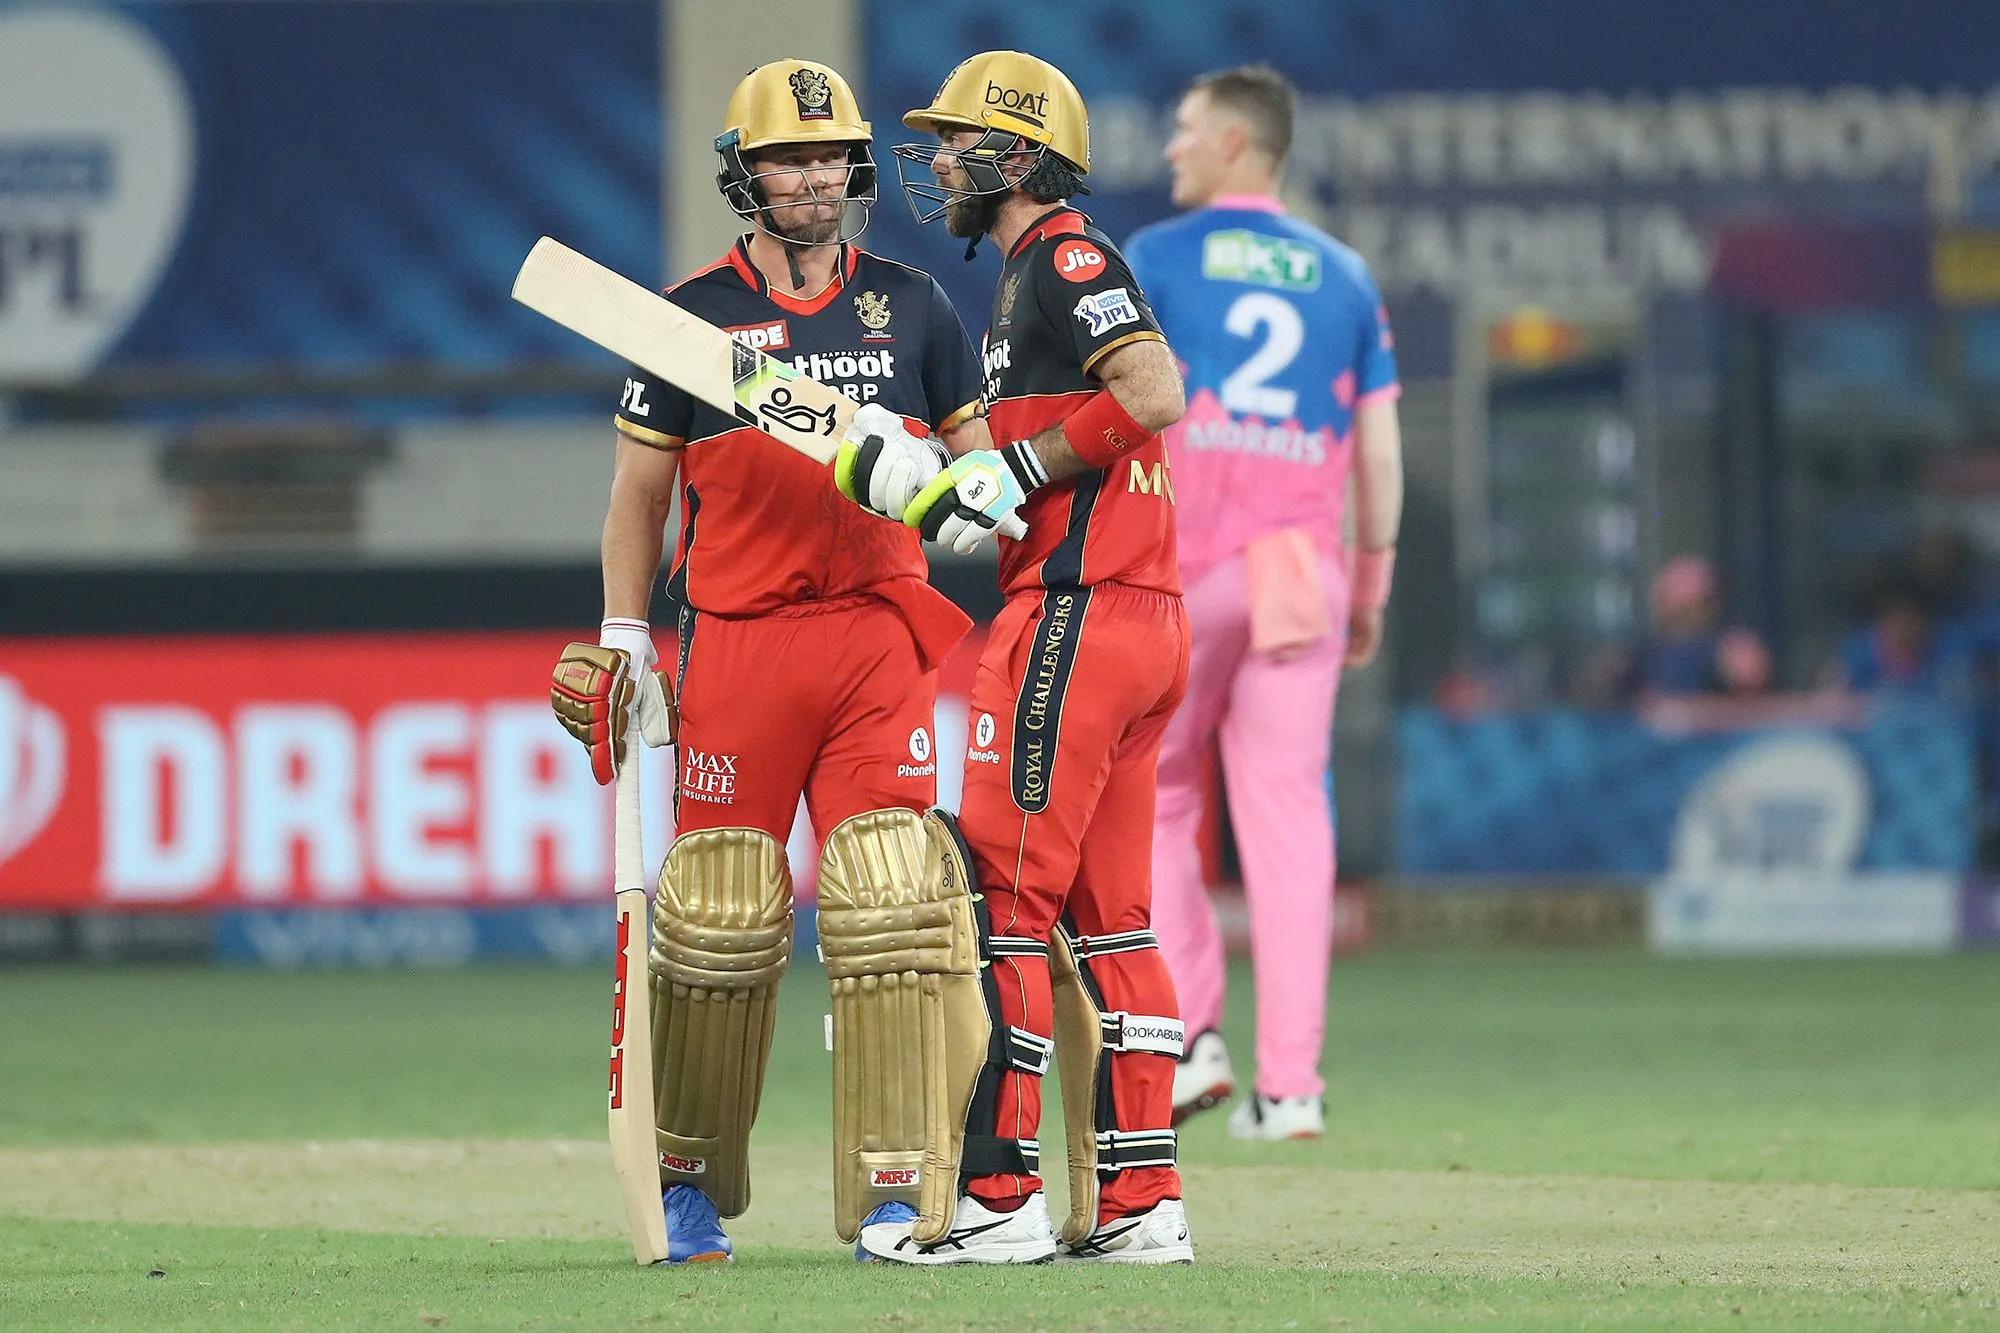 आईपीएल 2021: दुबई में रॉयल चैलेंजर्स बैंगलोर ने राजस्थान रॉयल्स को 7 विकेट से हराकर ट्विटर पर प्रतिक्रिया दी